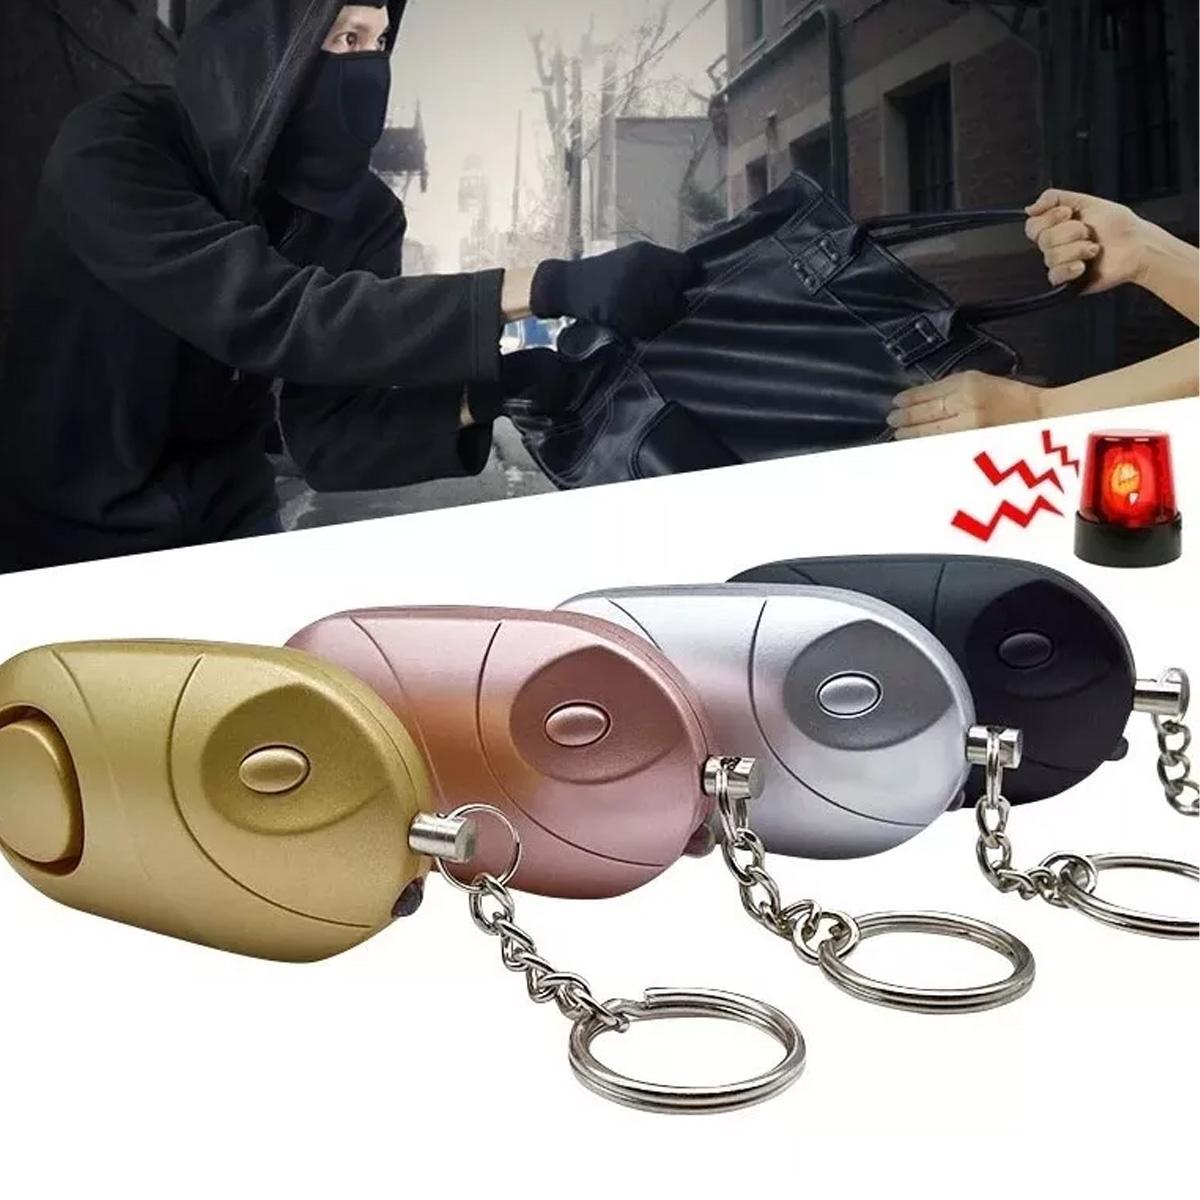 Alarma Llavero Mujer Defensa Personal Metálicos Luz